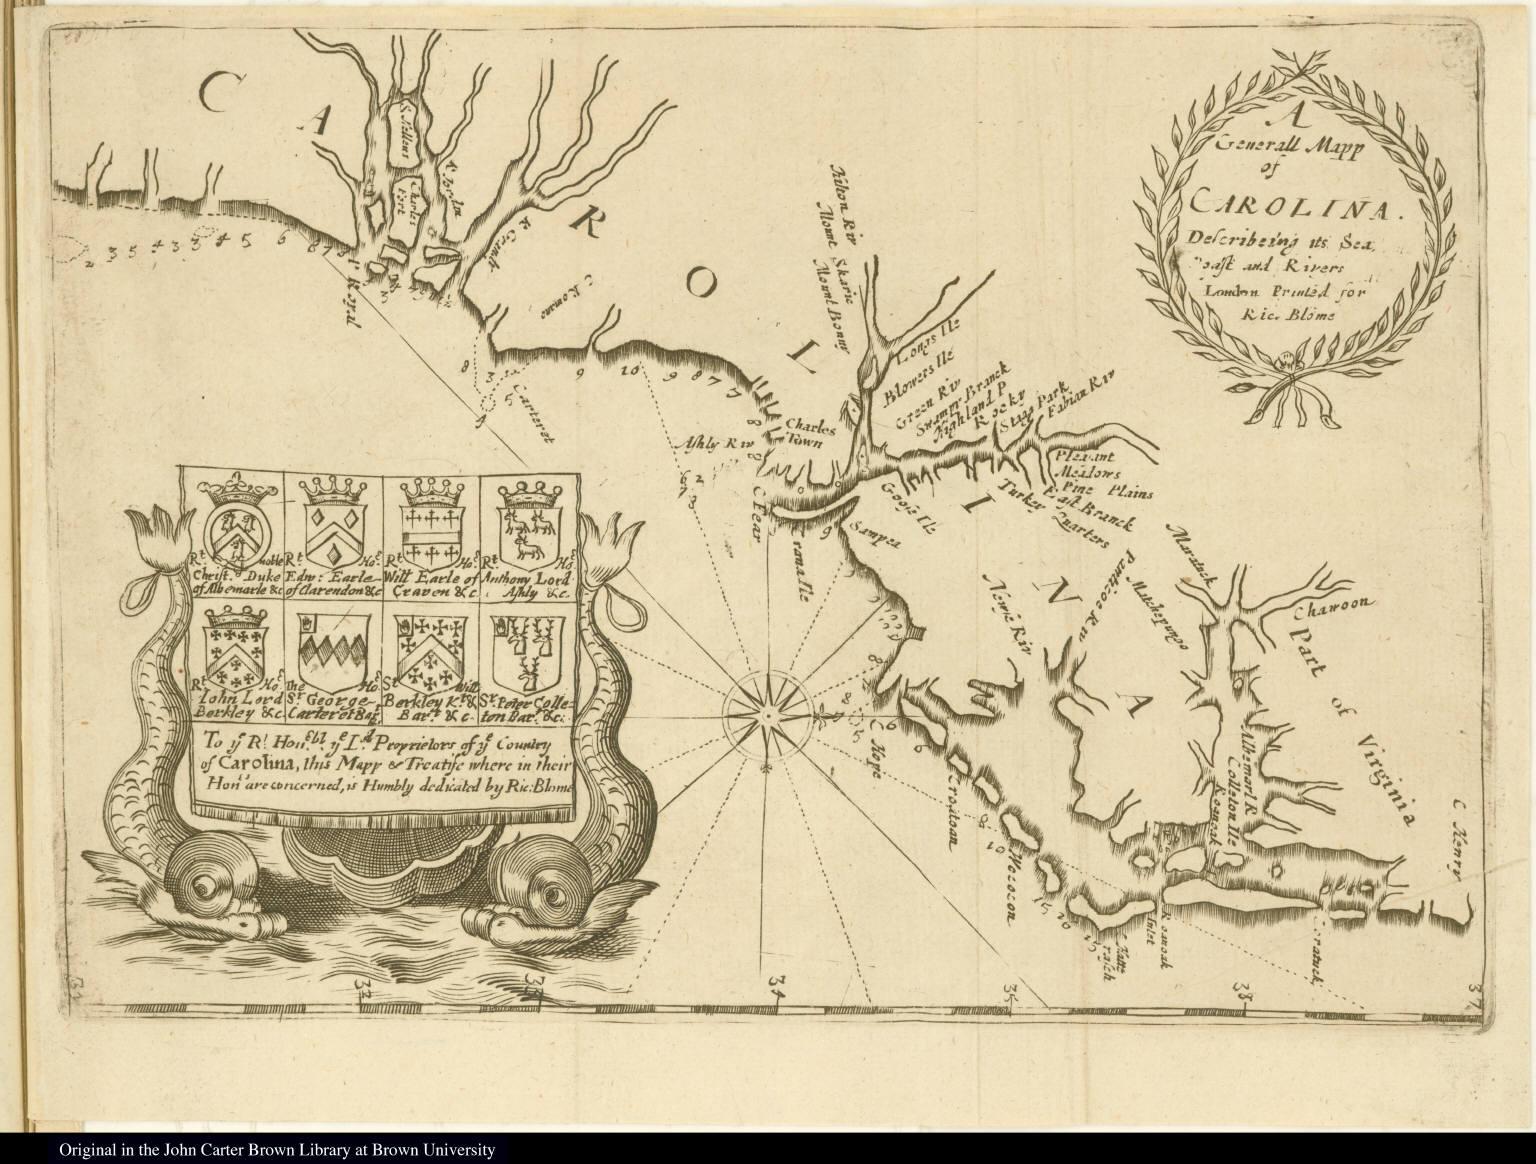 A Generall Mapp of Carolina. Describing its Sea, Coast and Rivers